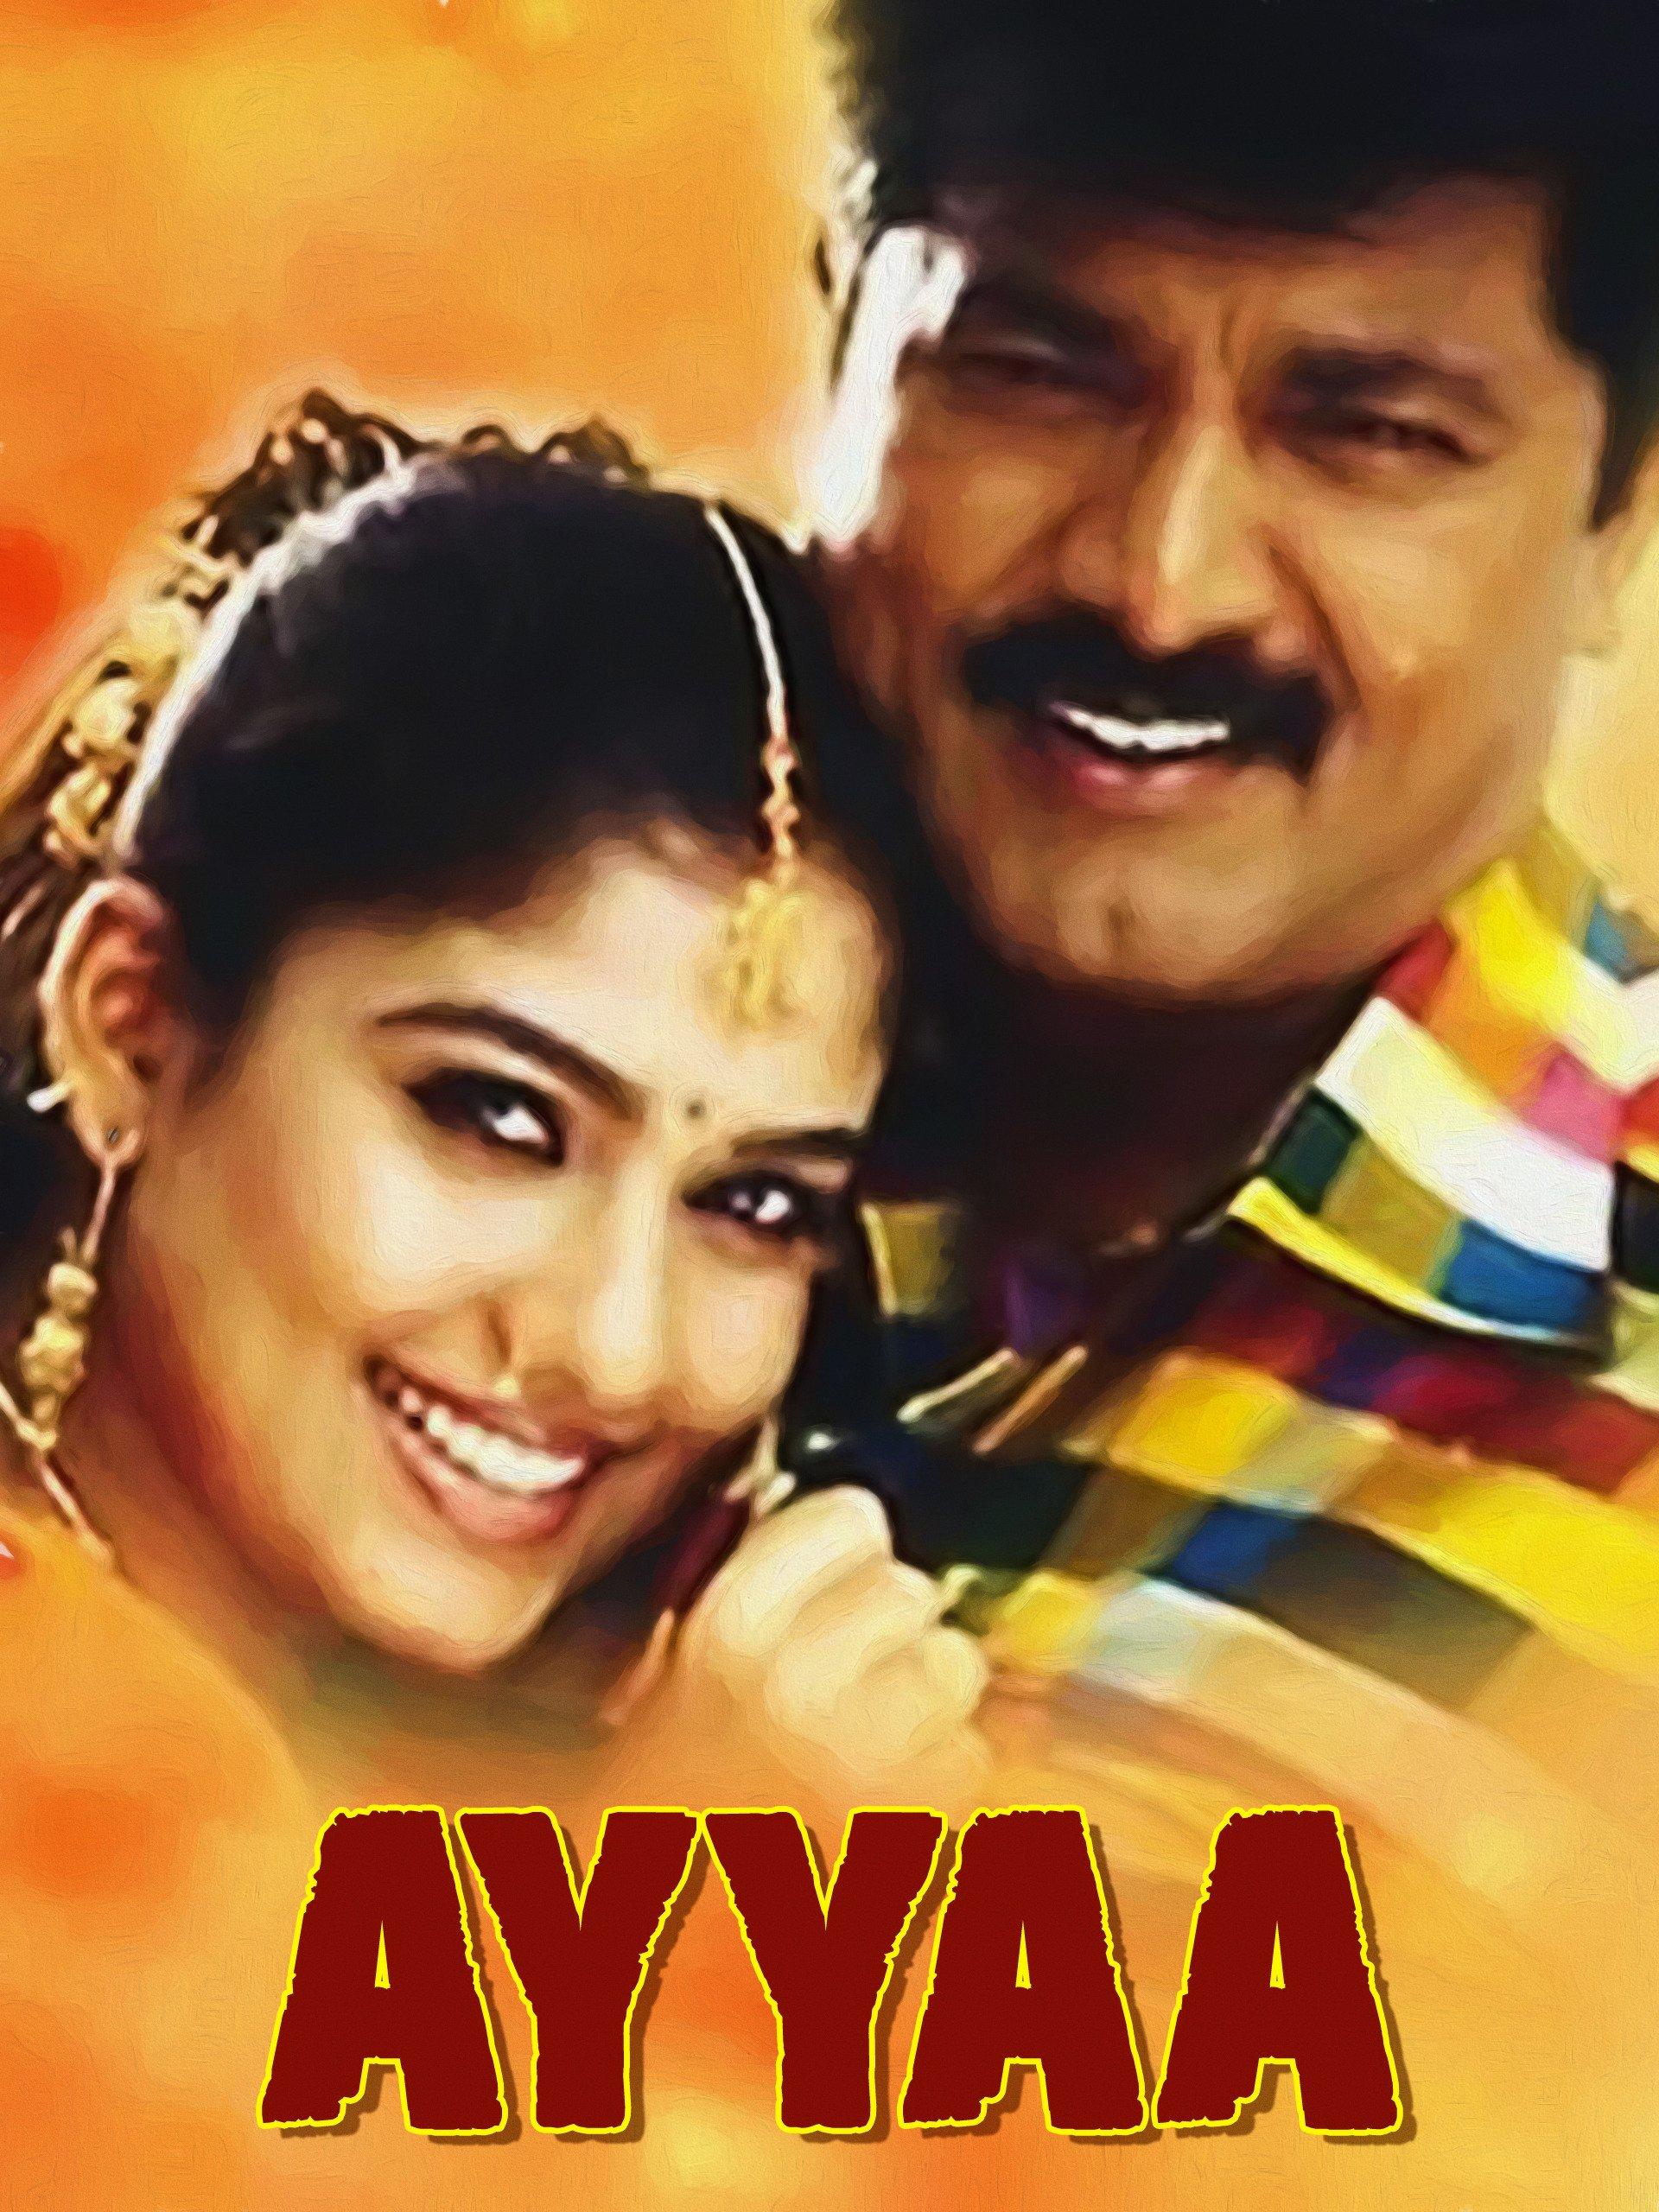 Ayyaa 2005 576p WEBHD AVC Tamil[AAC 2 0] – Hon3y